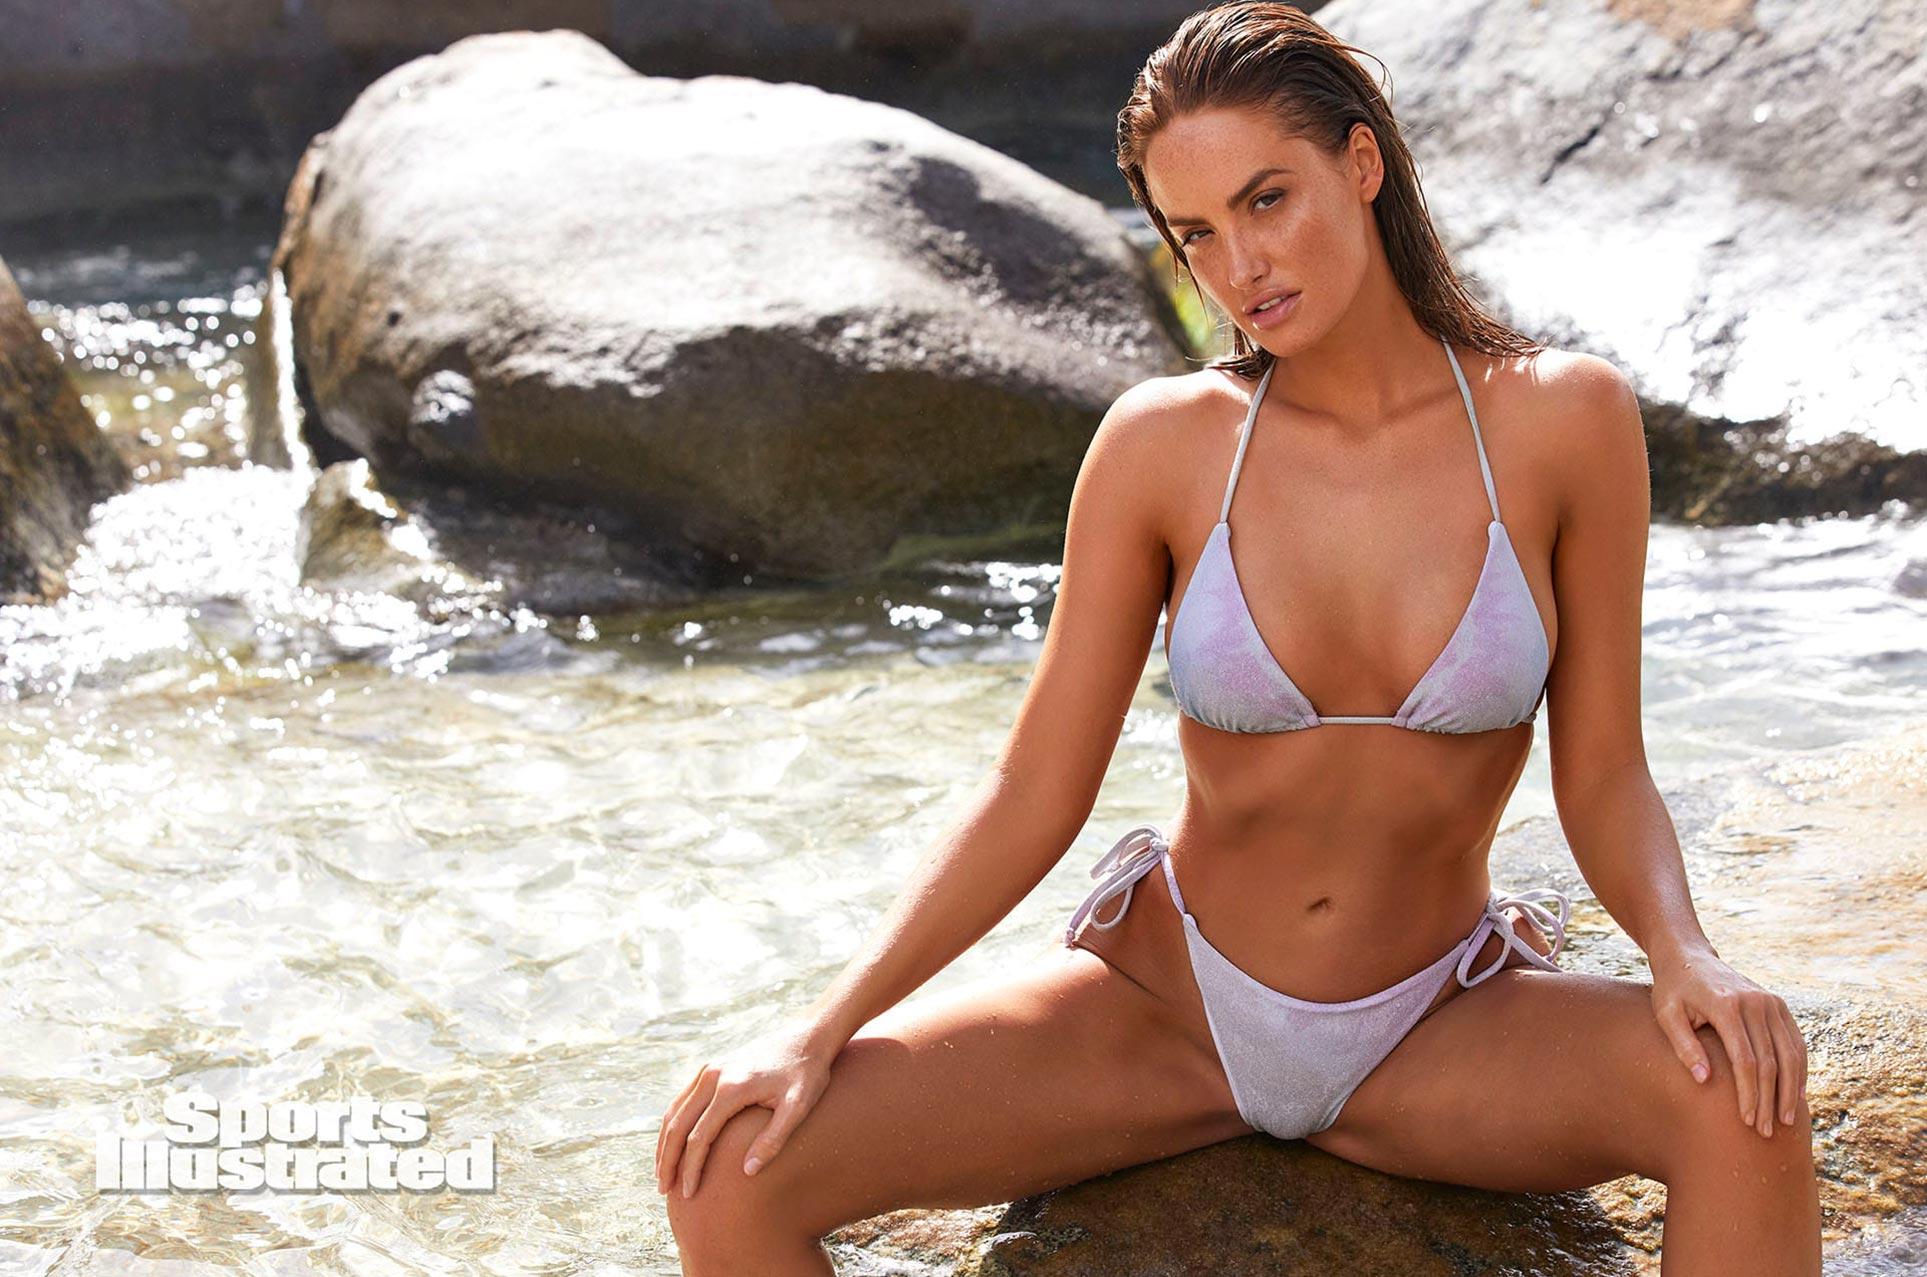 Хейли Калил в каталоге купальников Sports Illustrated Swimsuit 2020 / фото 27